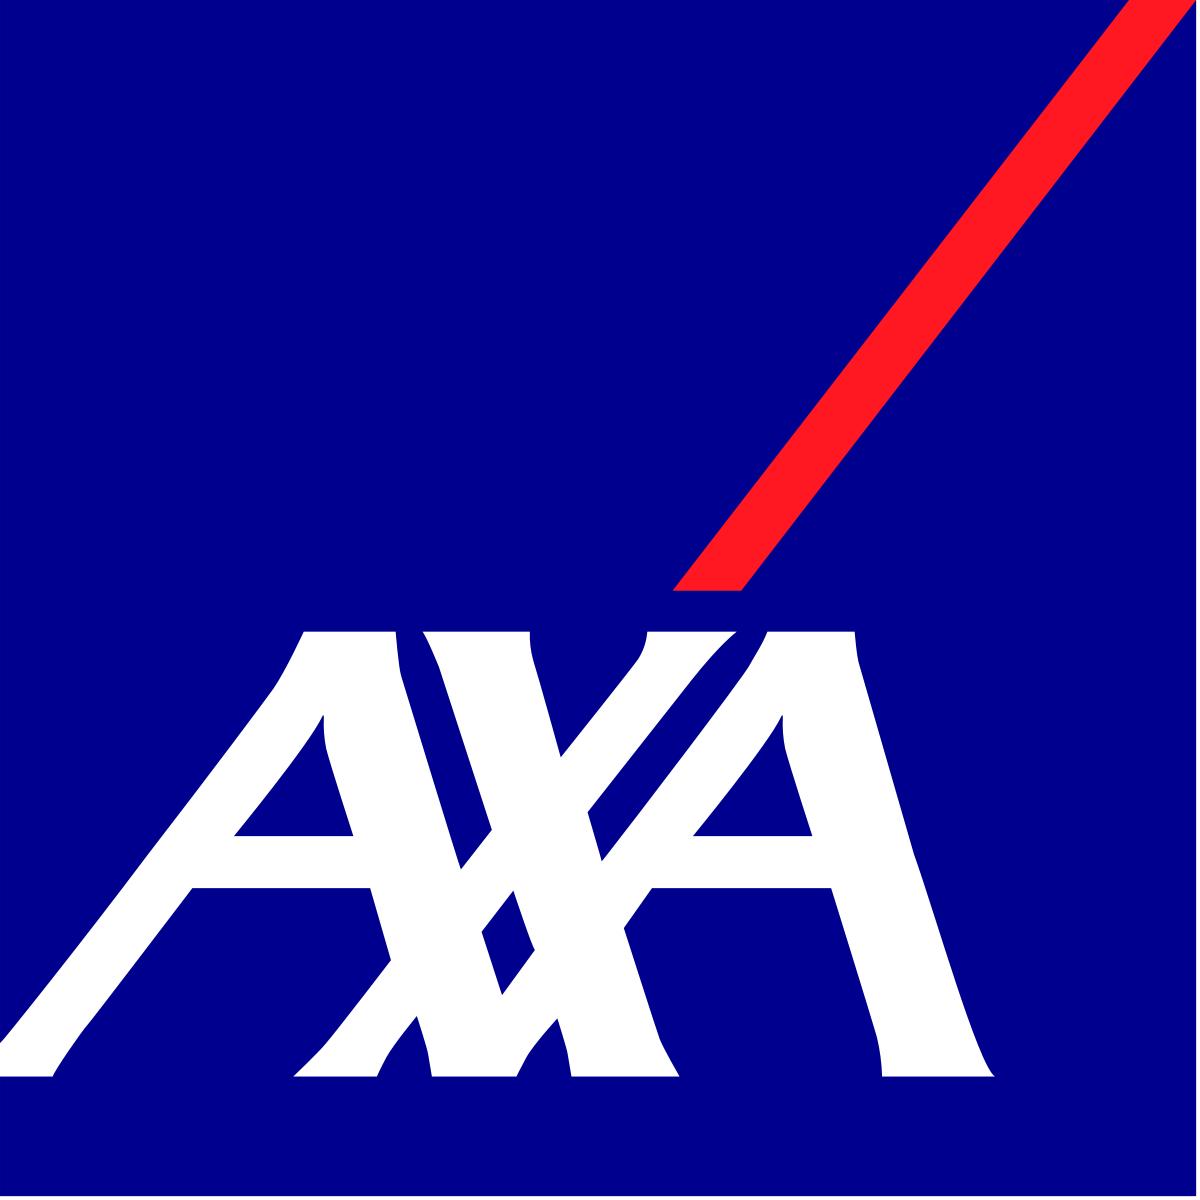 20% rabatu na ubezpieczenie AXA Direct od Newsweeka